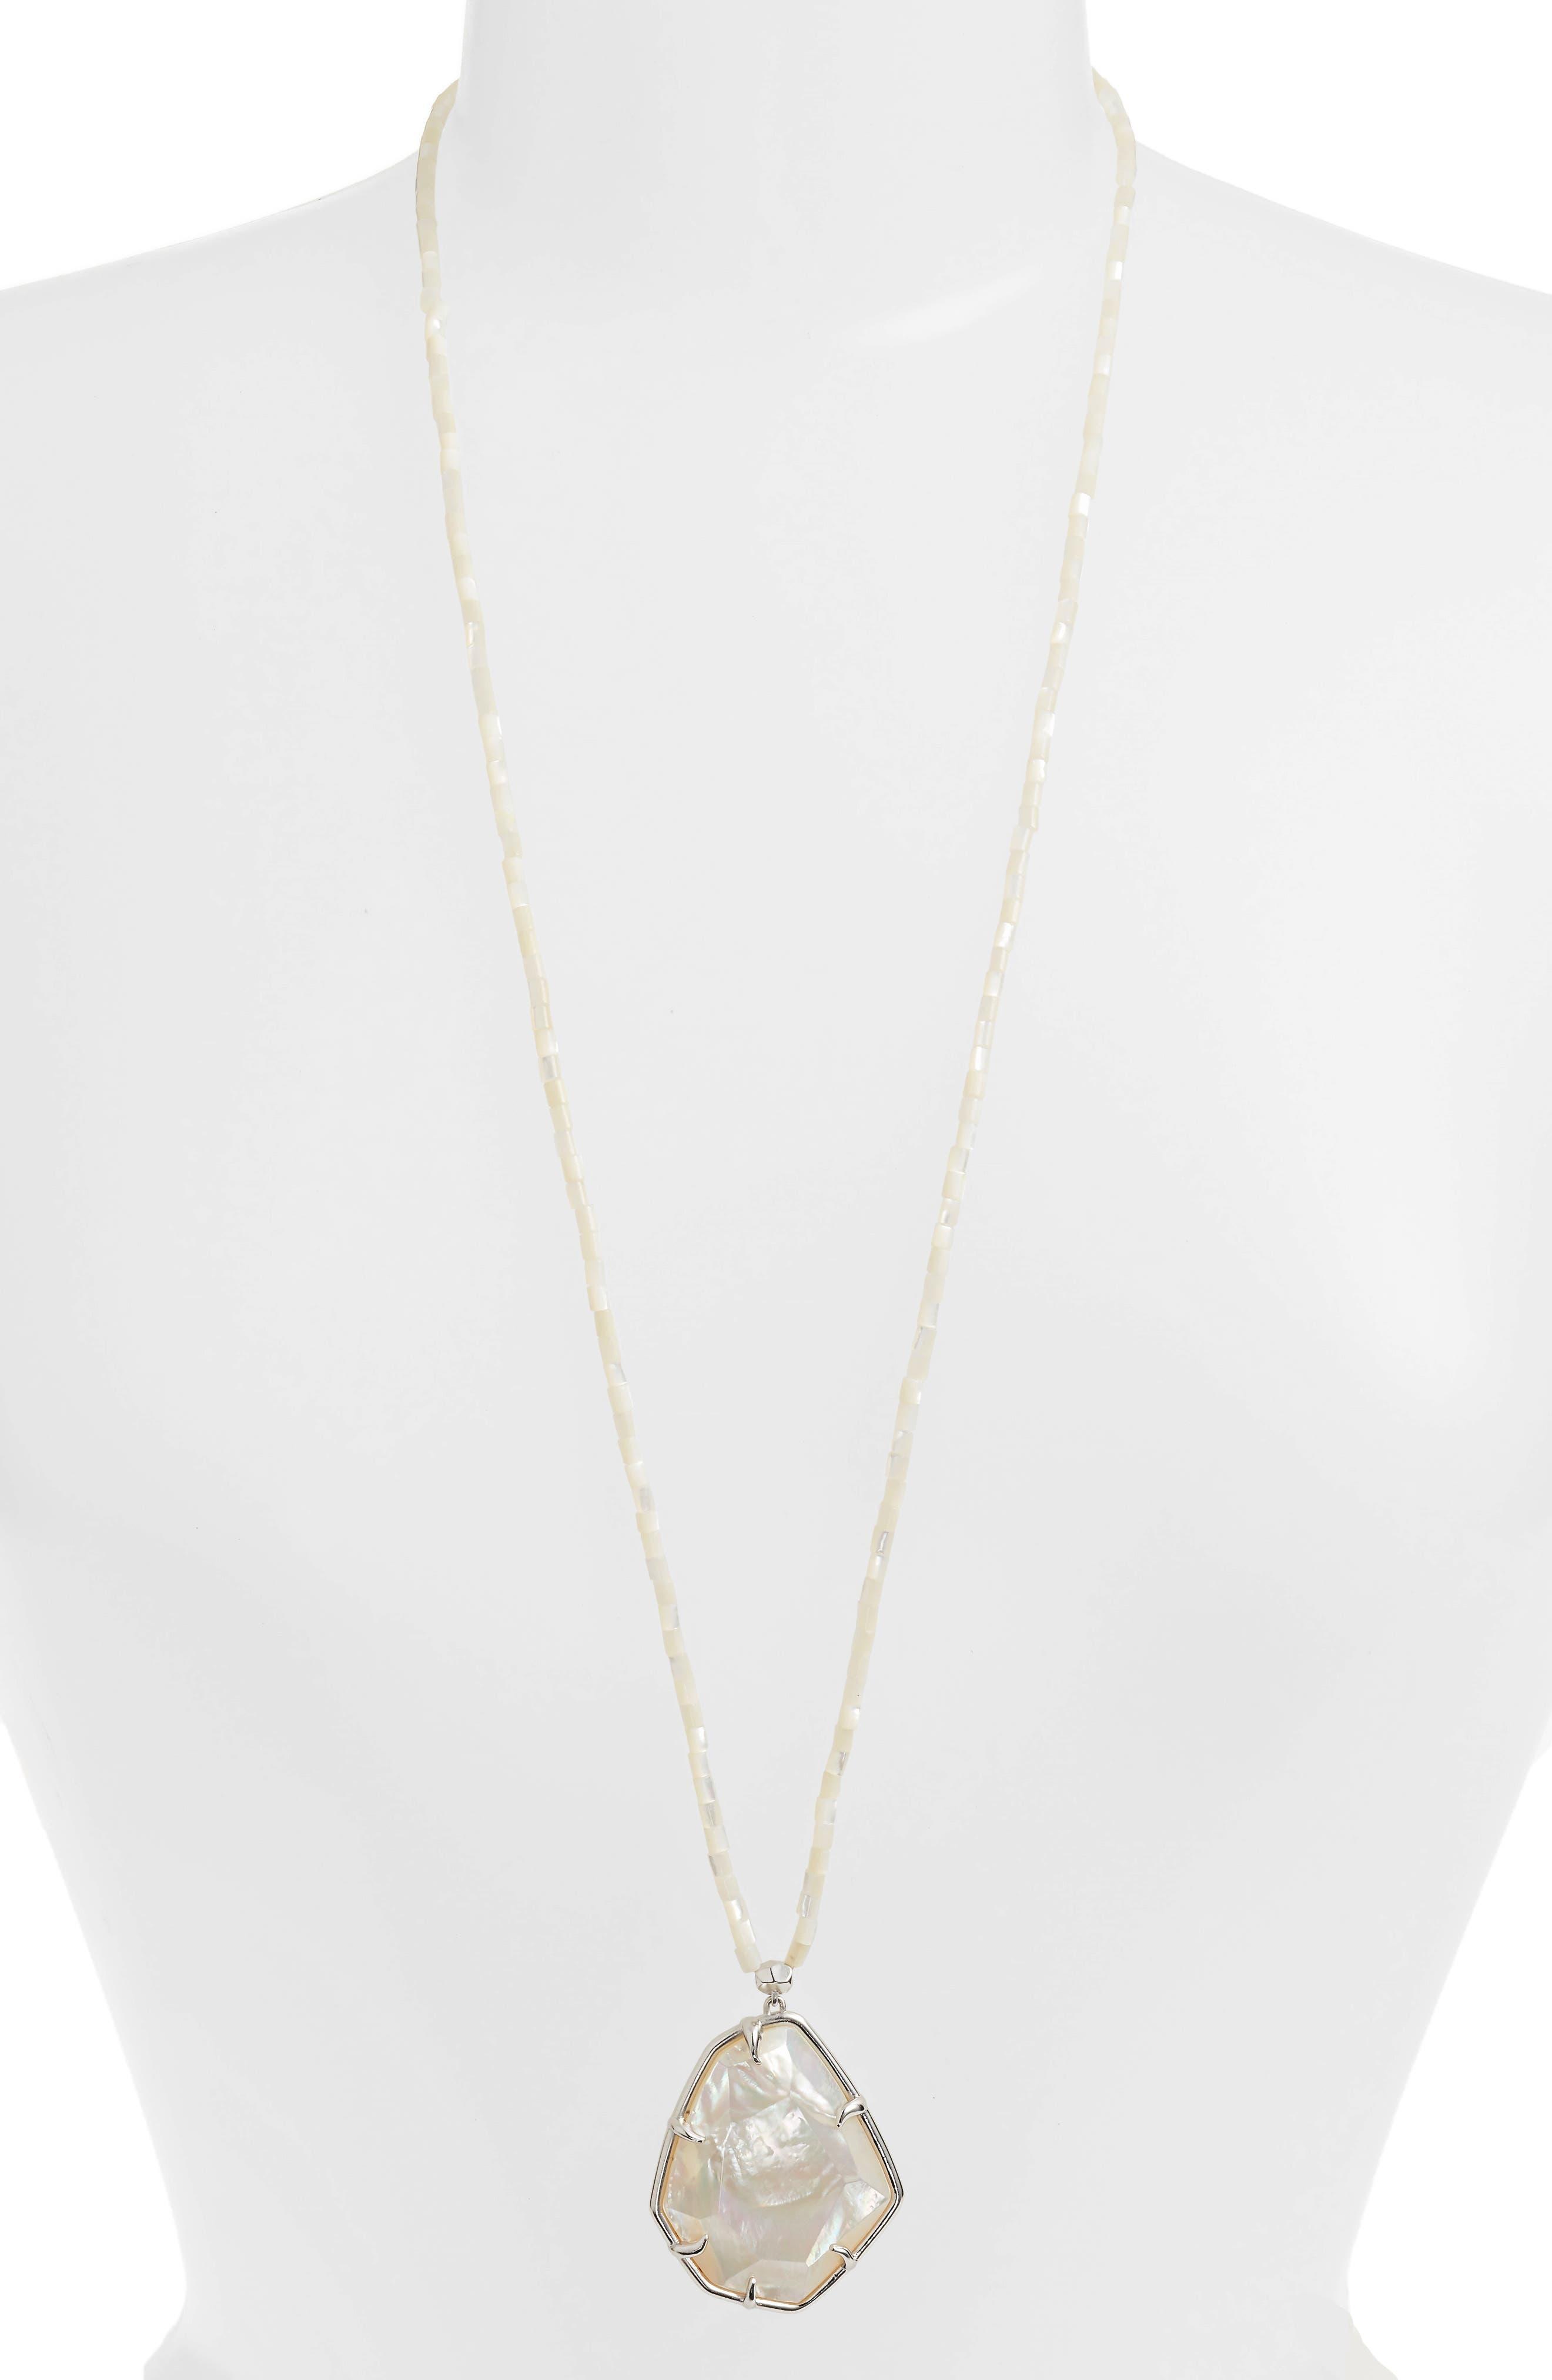 Beatrix Pendant Necklace,                             Main thumbnail 1, color,                             Ivory Mop/ Silver